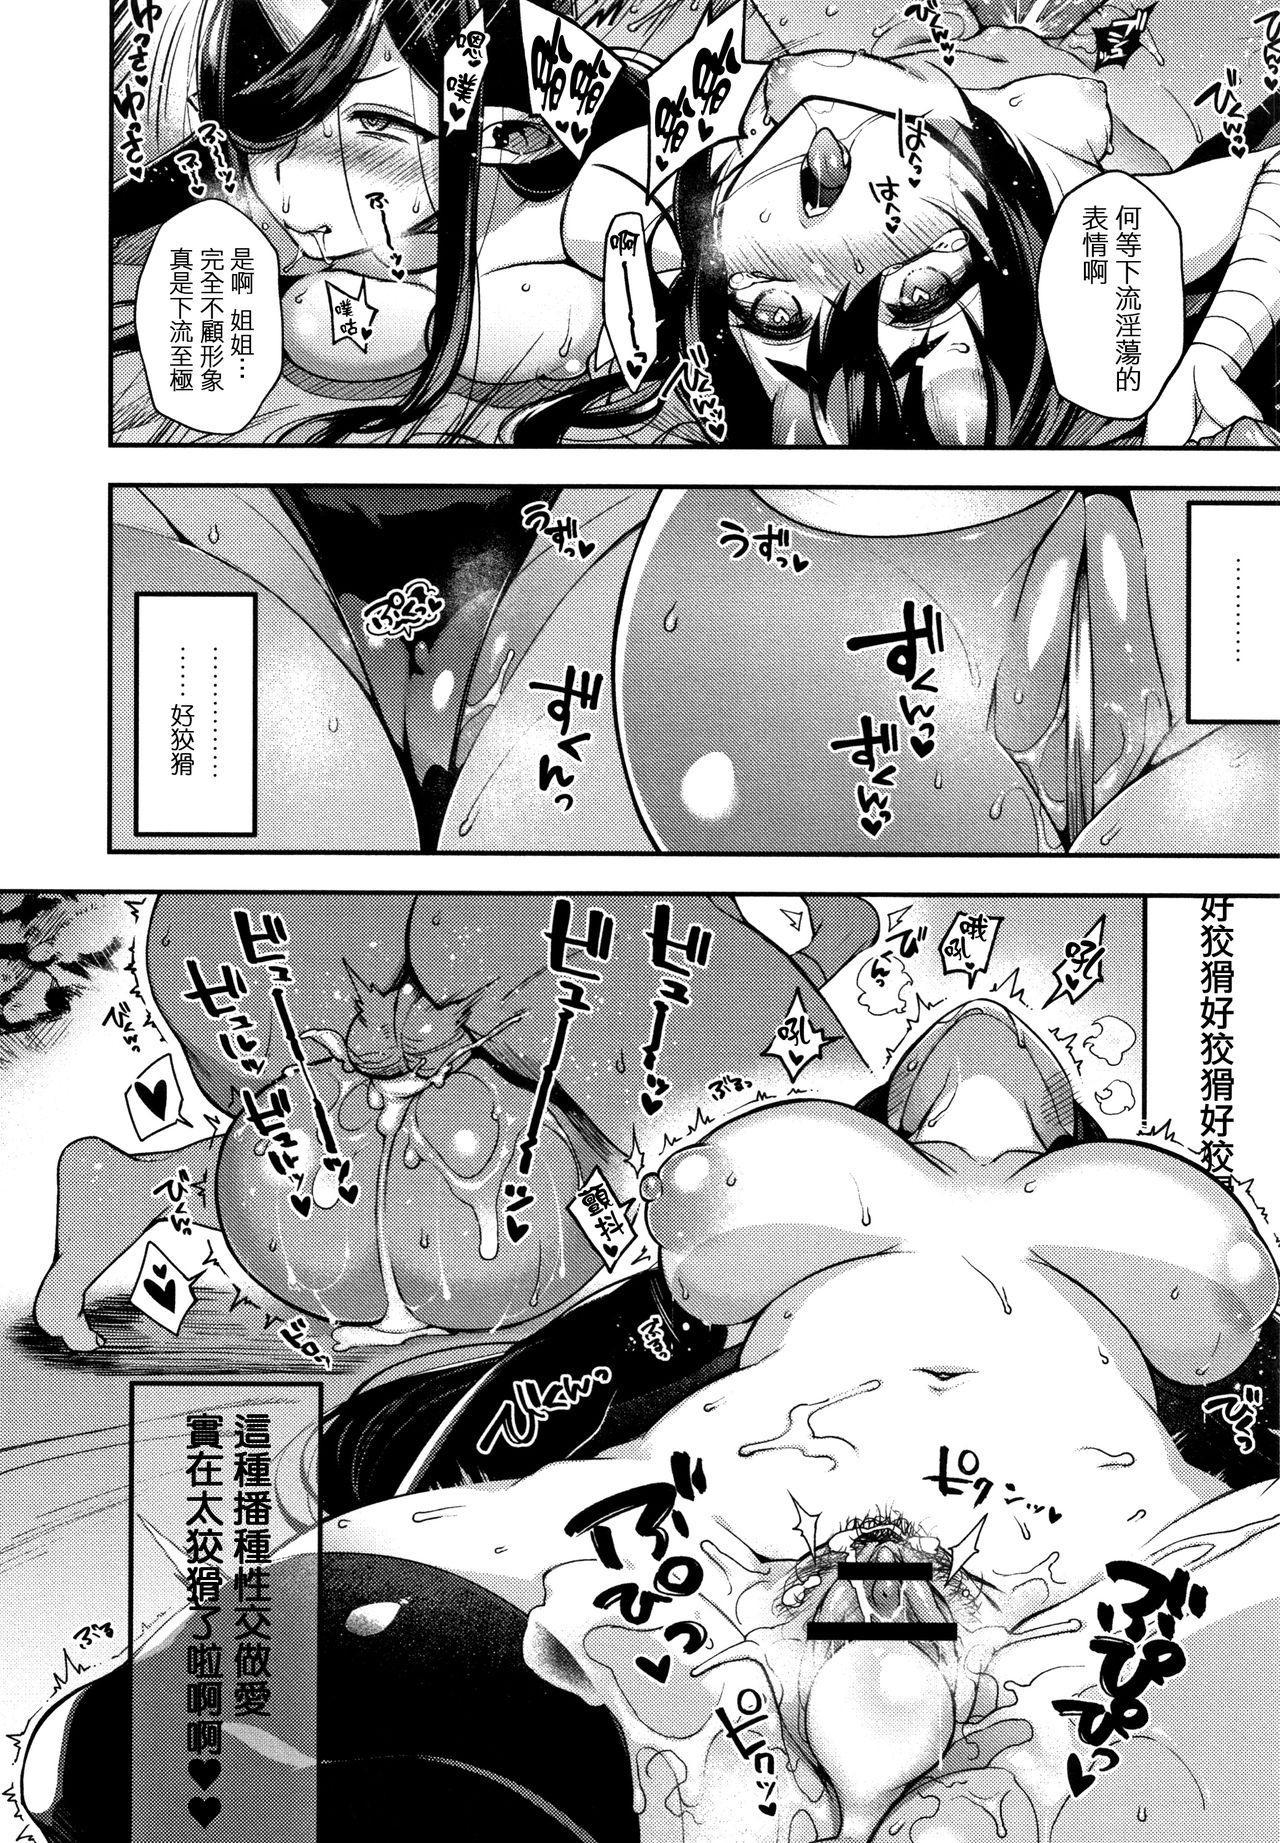 Hitonarazaru Oyomesama 160